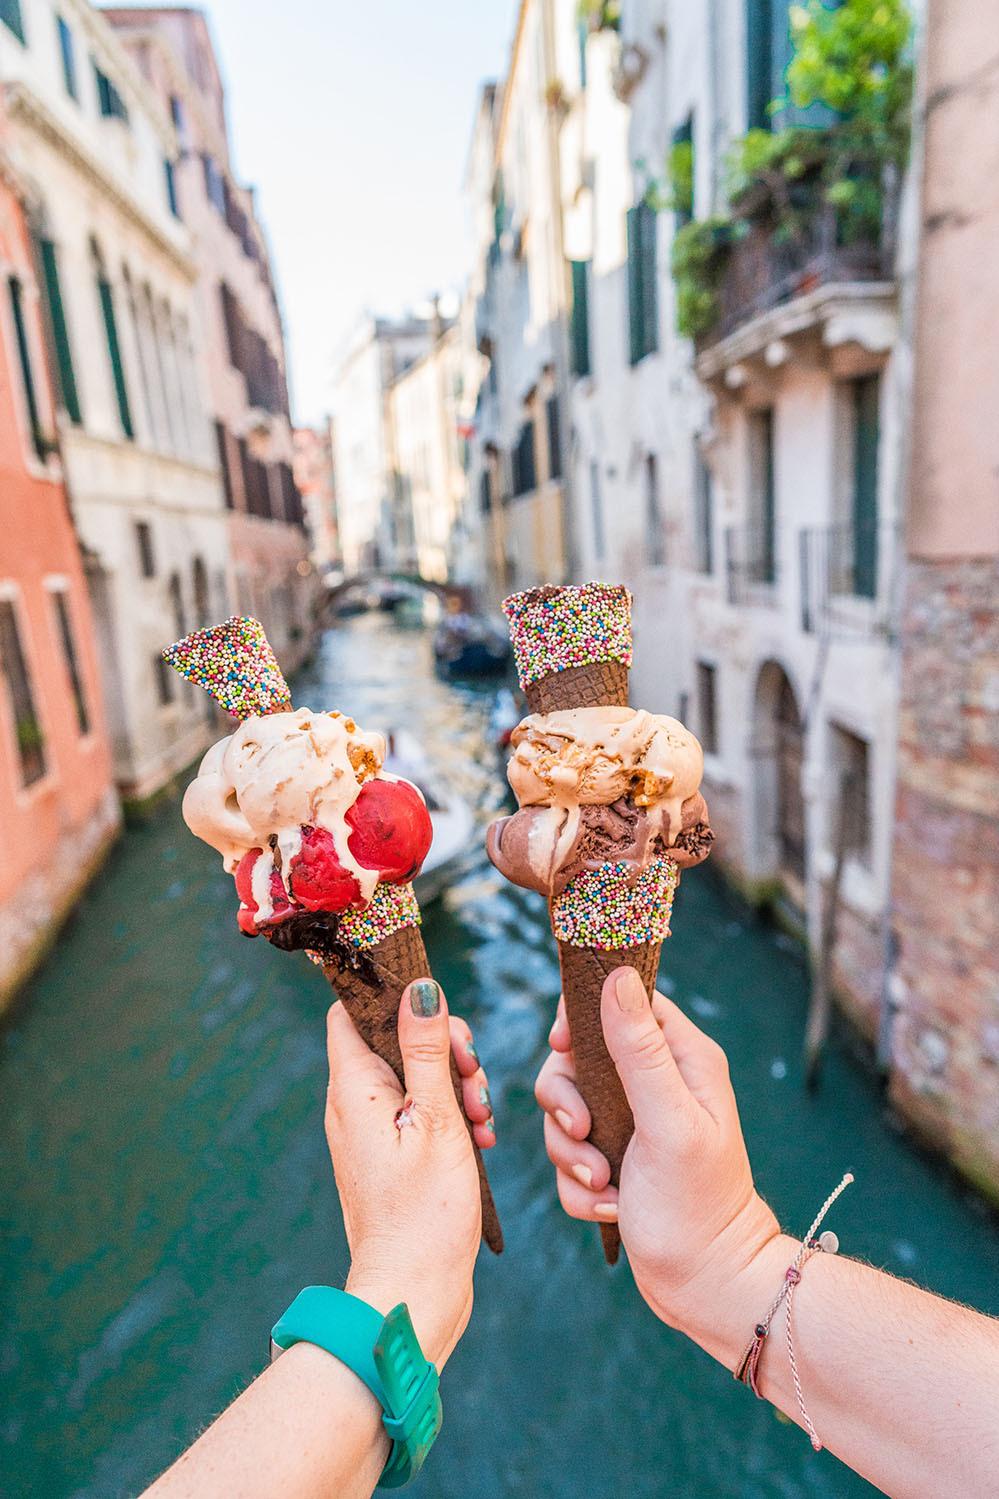 GaletoTrong tiếng Italy, gelato có nghĩa là kem, song nhờ sự phổ biến và đặc trưng về hương vị khiến nó được giữ nguyên tên gelato khi xuất hiện tại các quốc gia khác nhau. Khi nhìn bằng mắt thường, gelato trông sẽ dẻo và đặc quánh hơn kem bình thường. Một món gelato chuẩn vị phải được xúc bằng một chiếc xuổng, thay vì cái xúc kem thông thường. Khi ăn, món kem gelato tan trong miệng nhanh chóng, không xốp như như kem. Điều khiến gelato được nhiều người yêu thích là chúng rất đậm vị. Ảnh: I Heart Italy